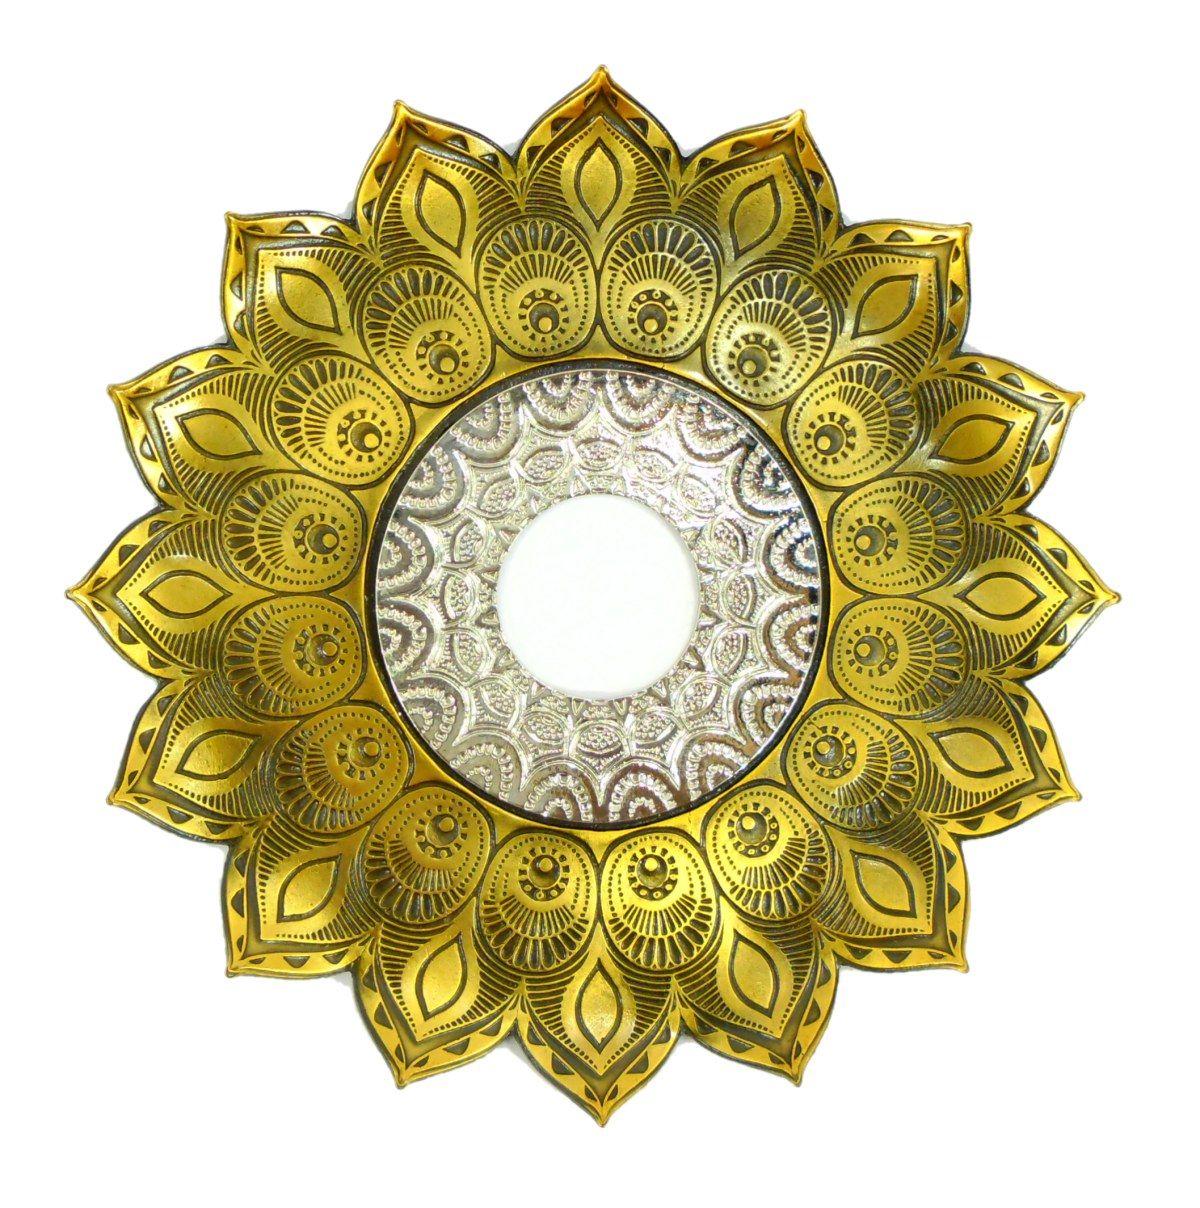 Prato para narguile Pérsia 21cm em inox pintado, decorado flor de lótus. Cor OURO VELHO.